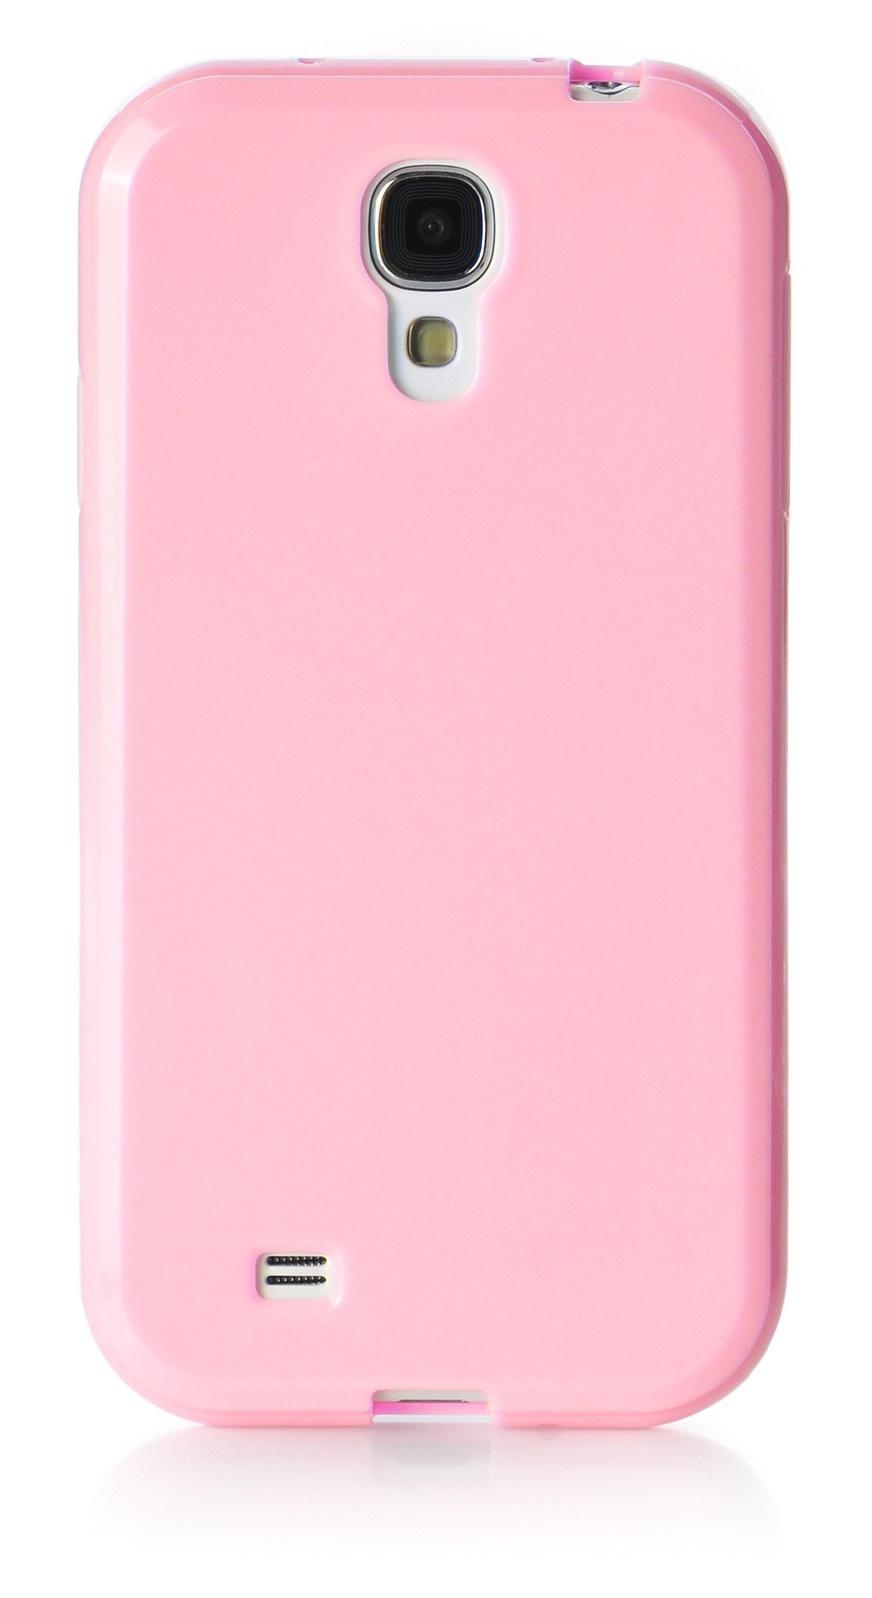 Чехол для сотового телефона iNeez накладка силикон мыльница 450169 для Samsung Galaxy S4, розовый